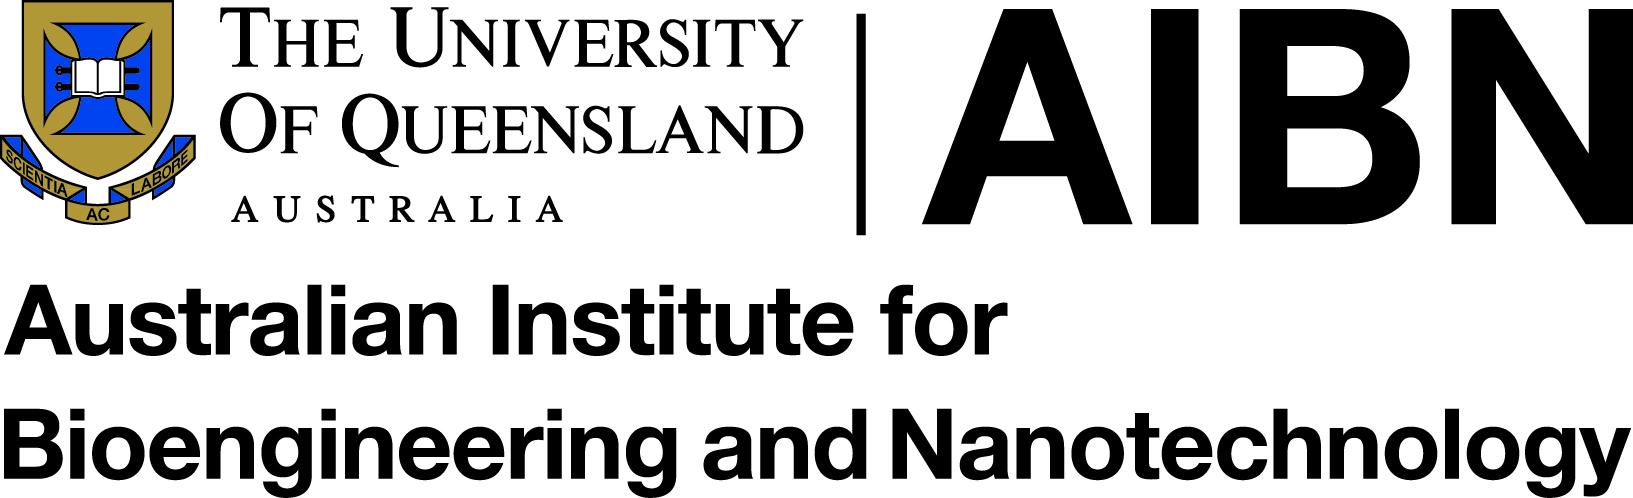 AIBN-Logo-black-shorthorizontalstack